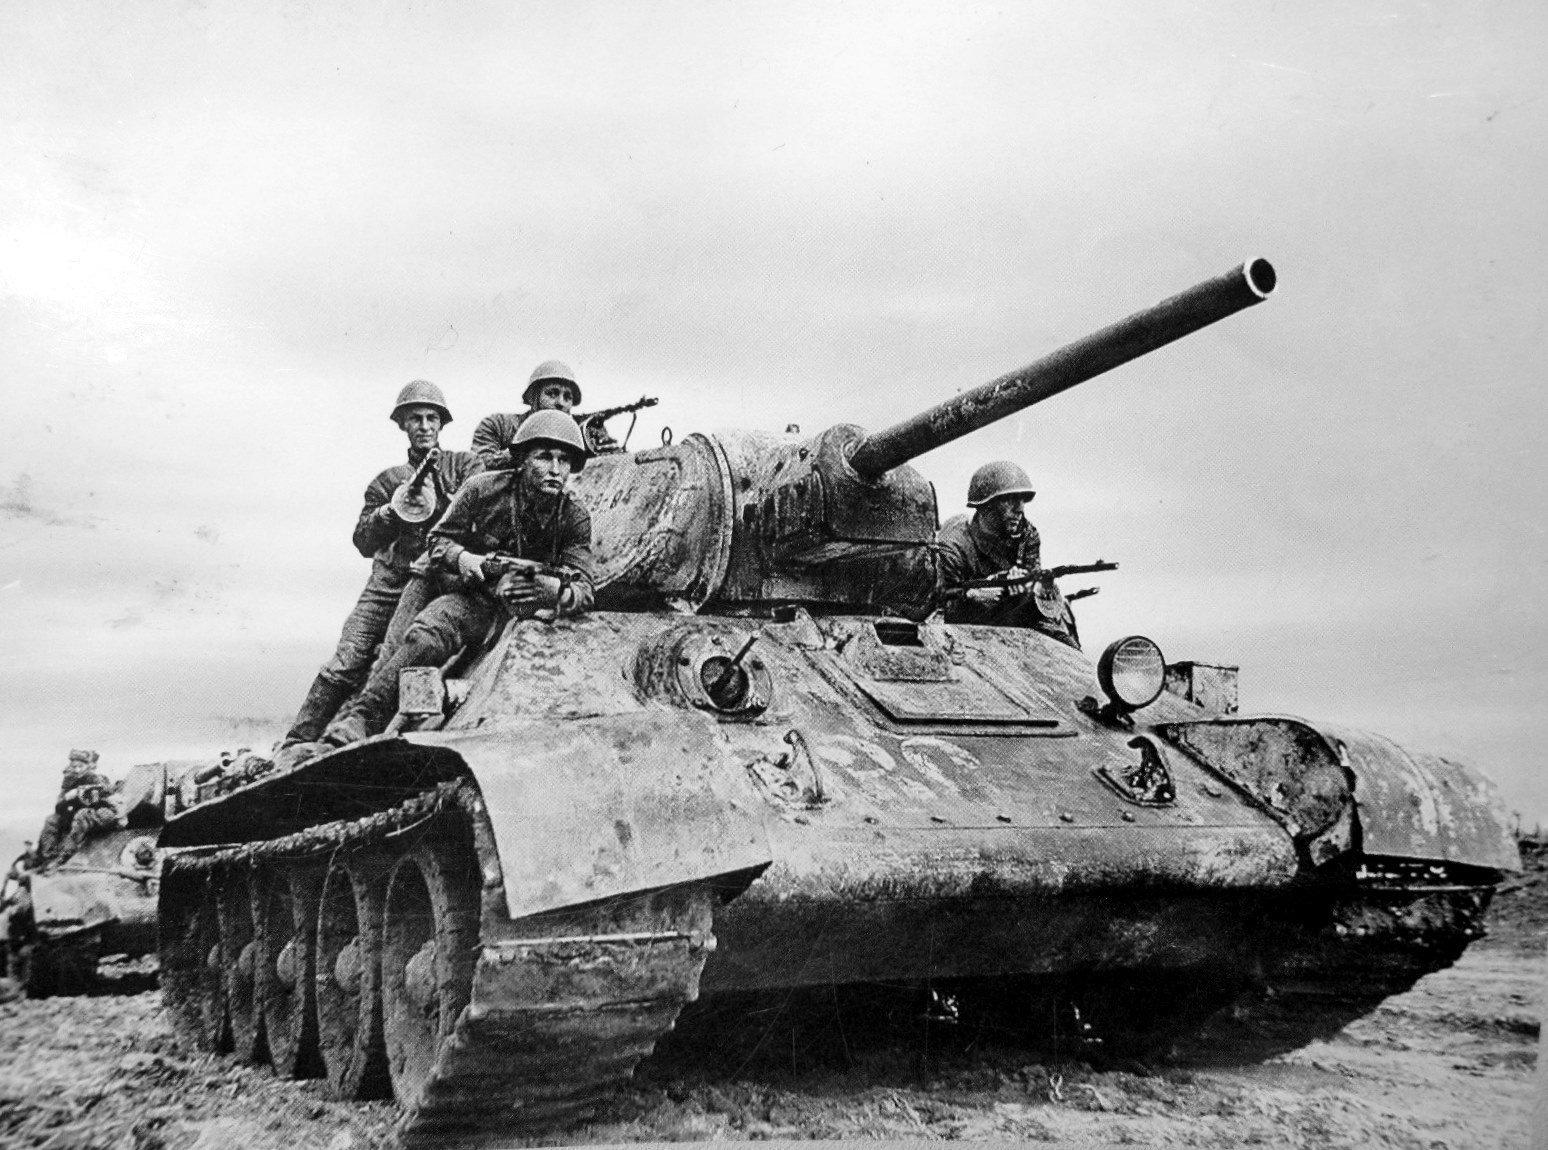 картинки т-34 танк